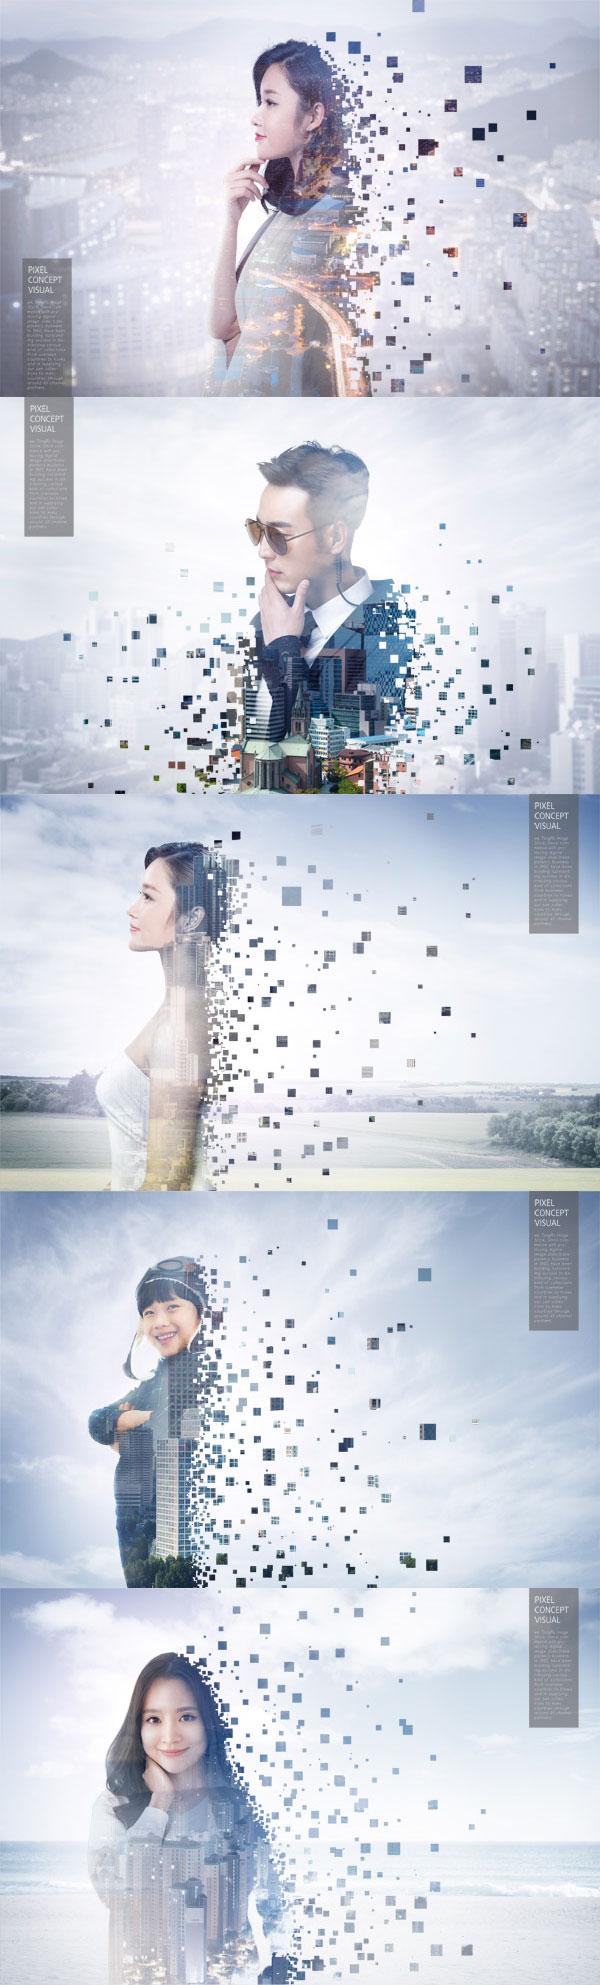 数码人物商务海报